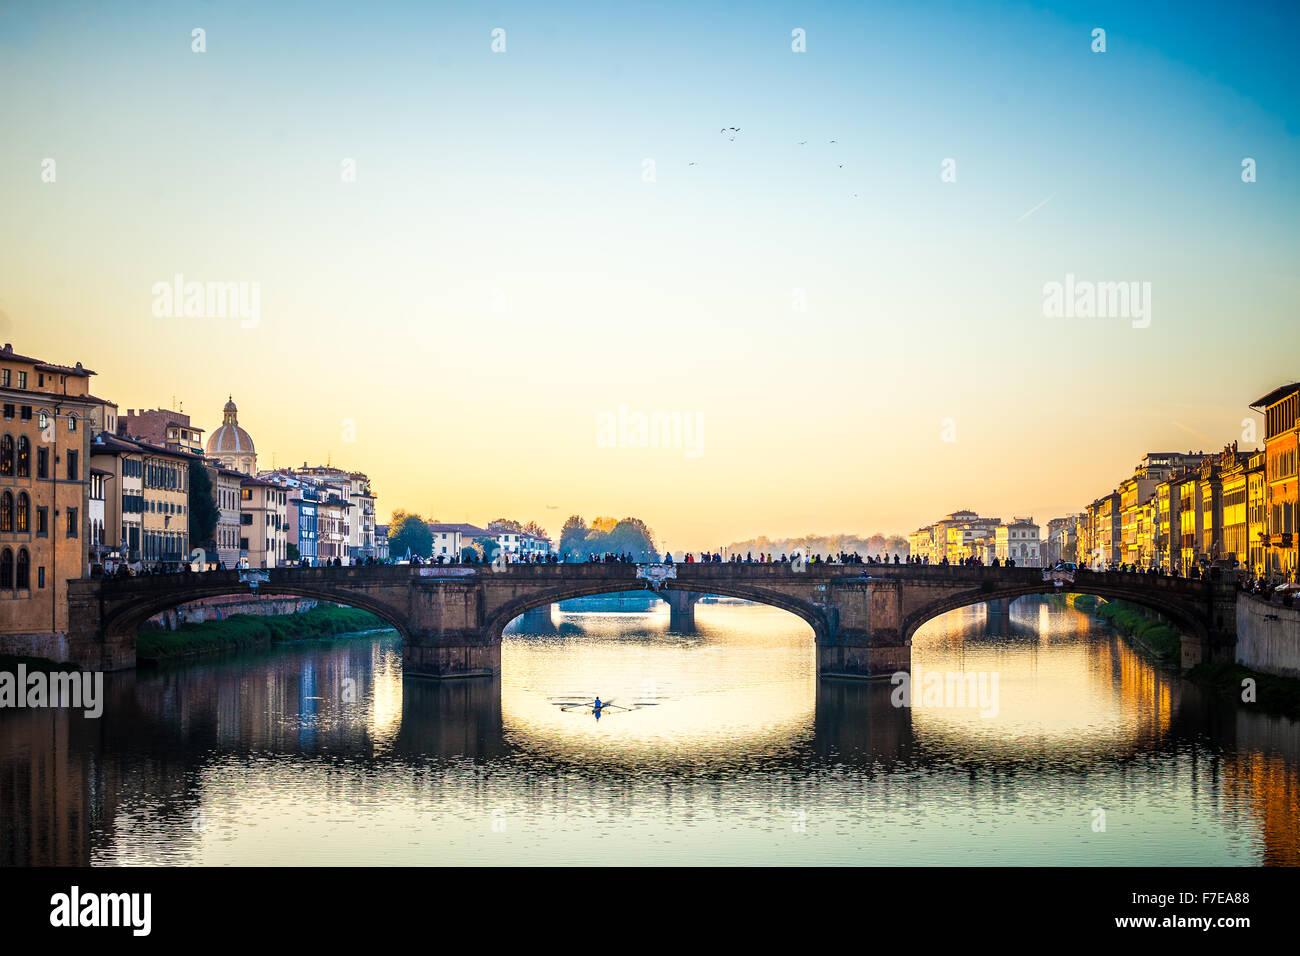 La stupefacente Ponte Vecchio oltre il fiume Arno a Firenze, Italia. Sotto il ponte un ragazzo canottaggio Immagini Stock